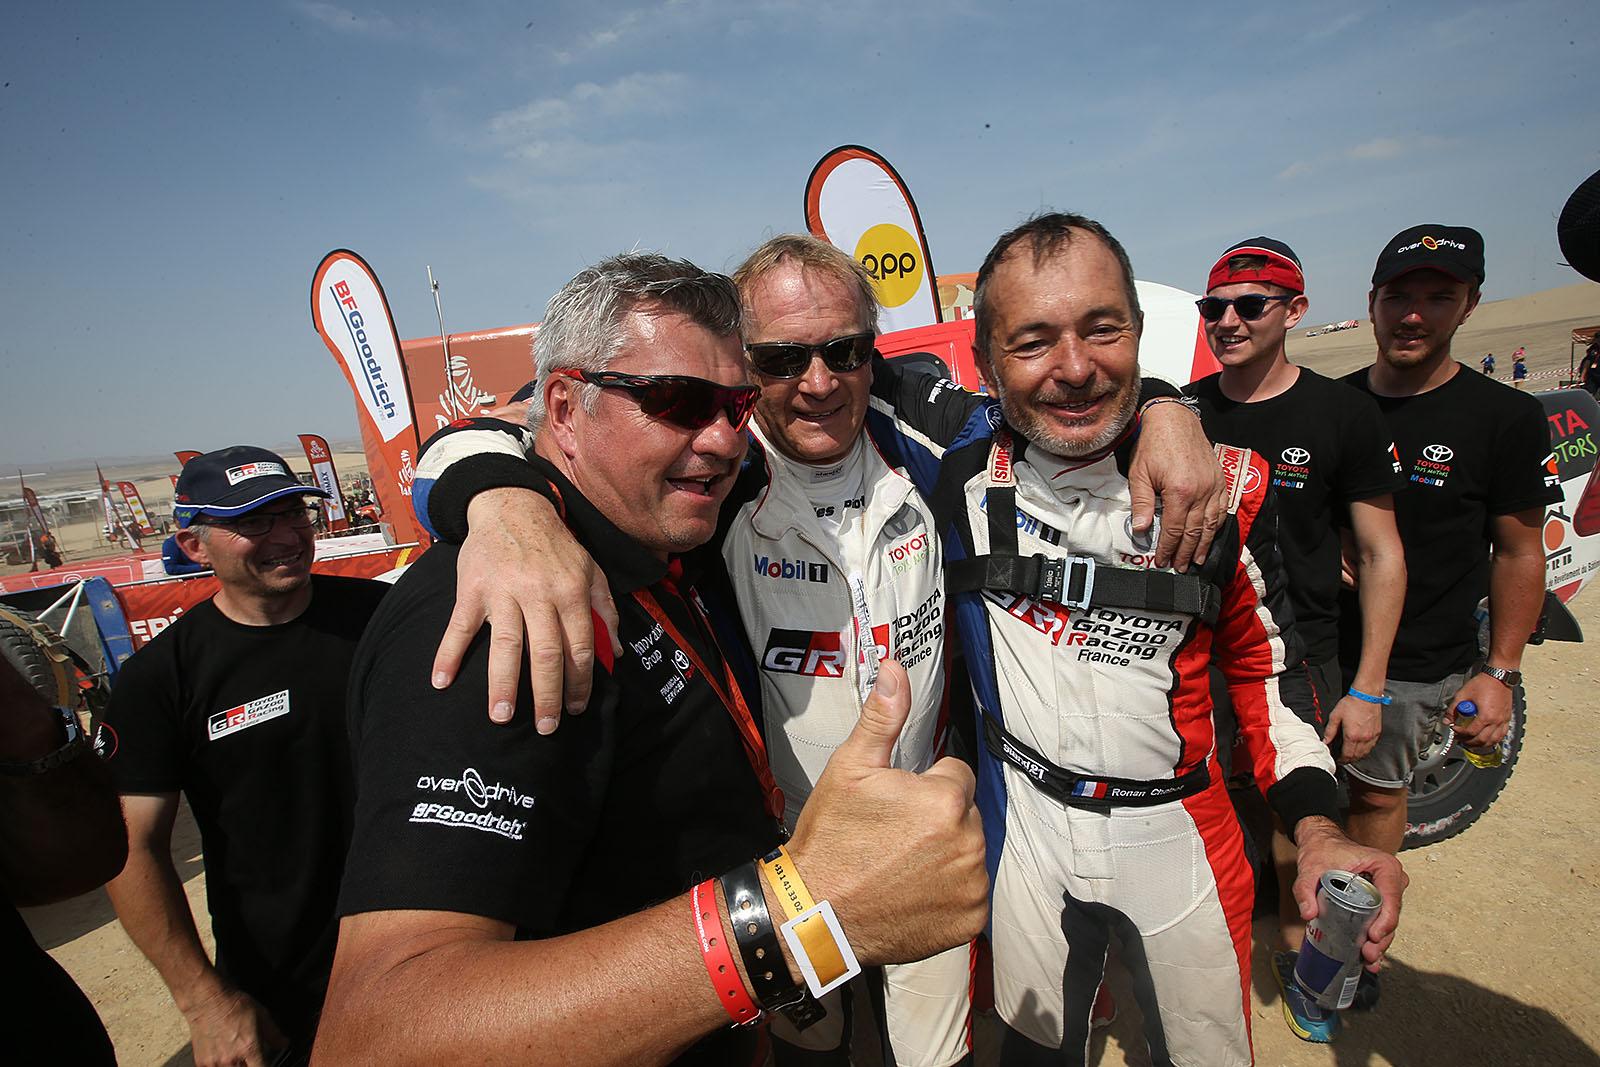 20190117:Pisco -Peru: finish in Pisco of the Dakar Rally-100% Peru. Thursday 17 Januari near Pisco-Peru